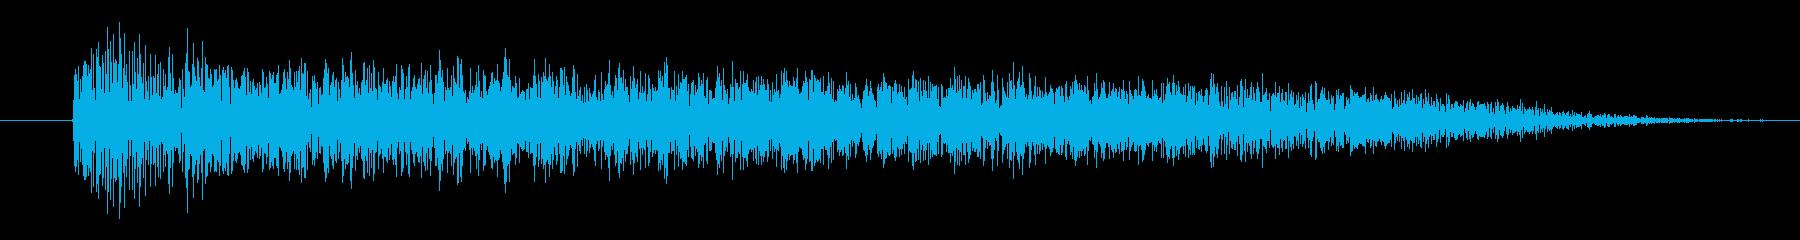 シャキ(引っ掻き)の再生済みの波形